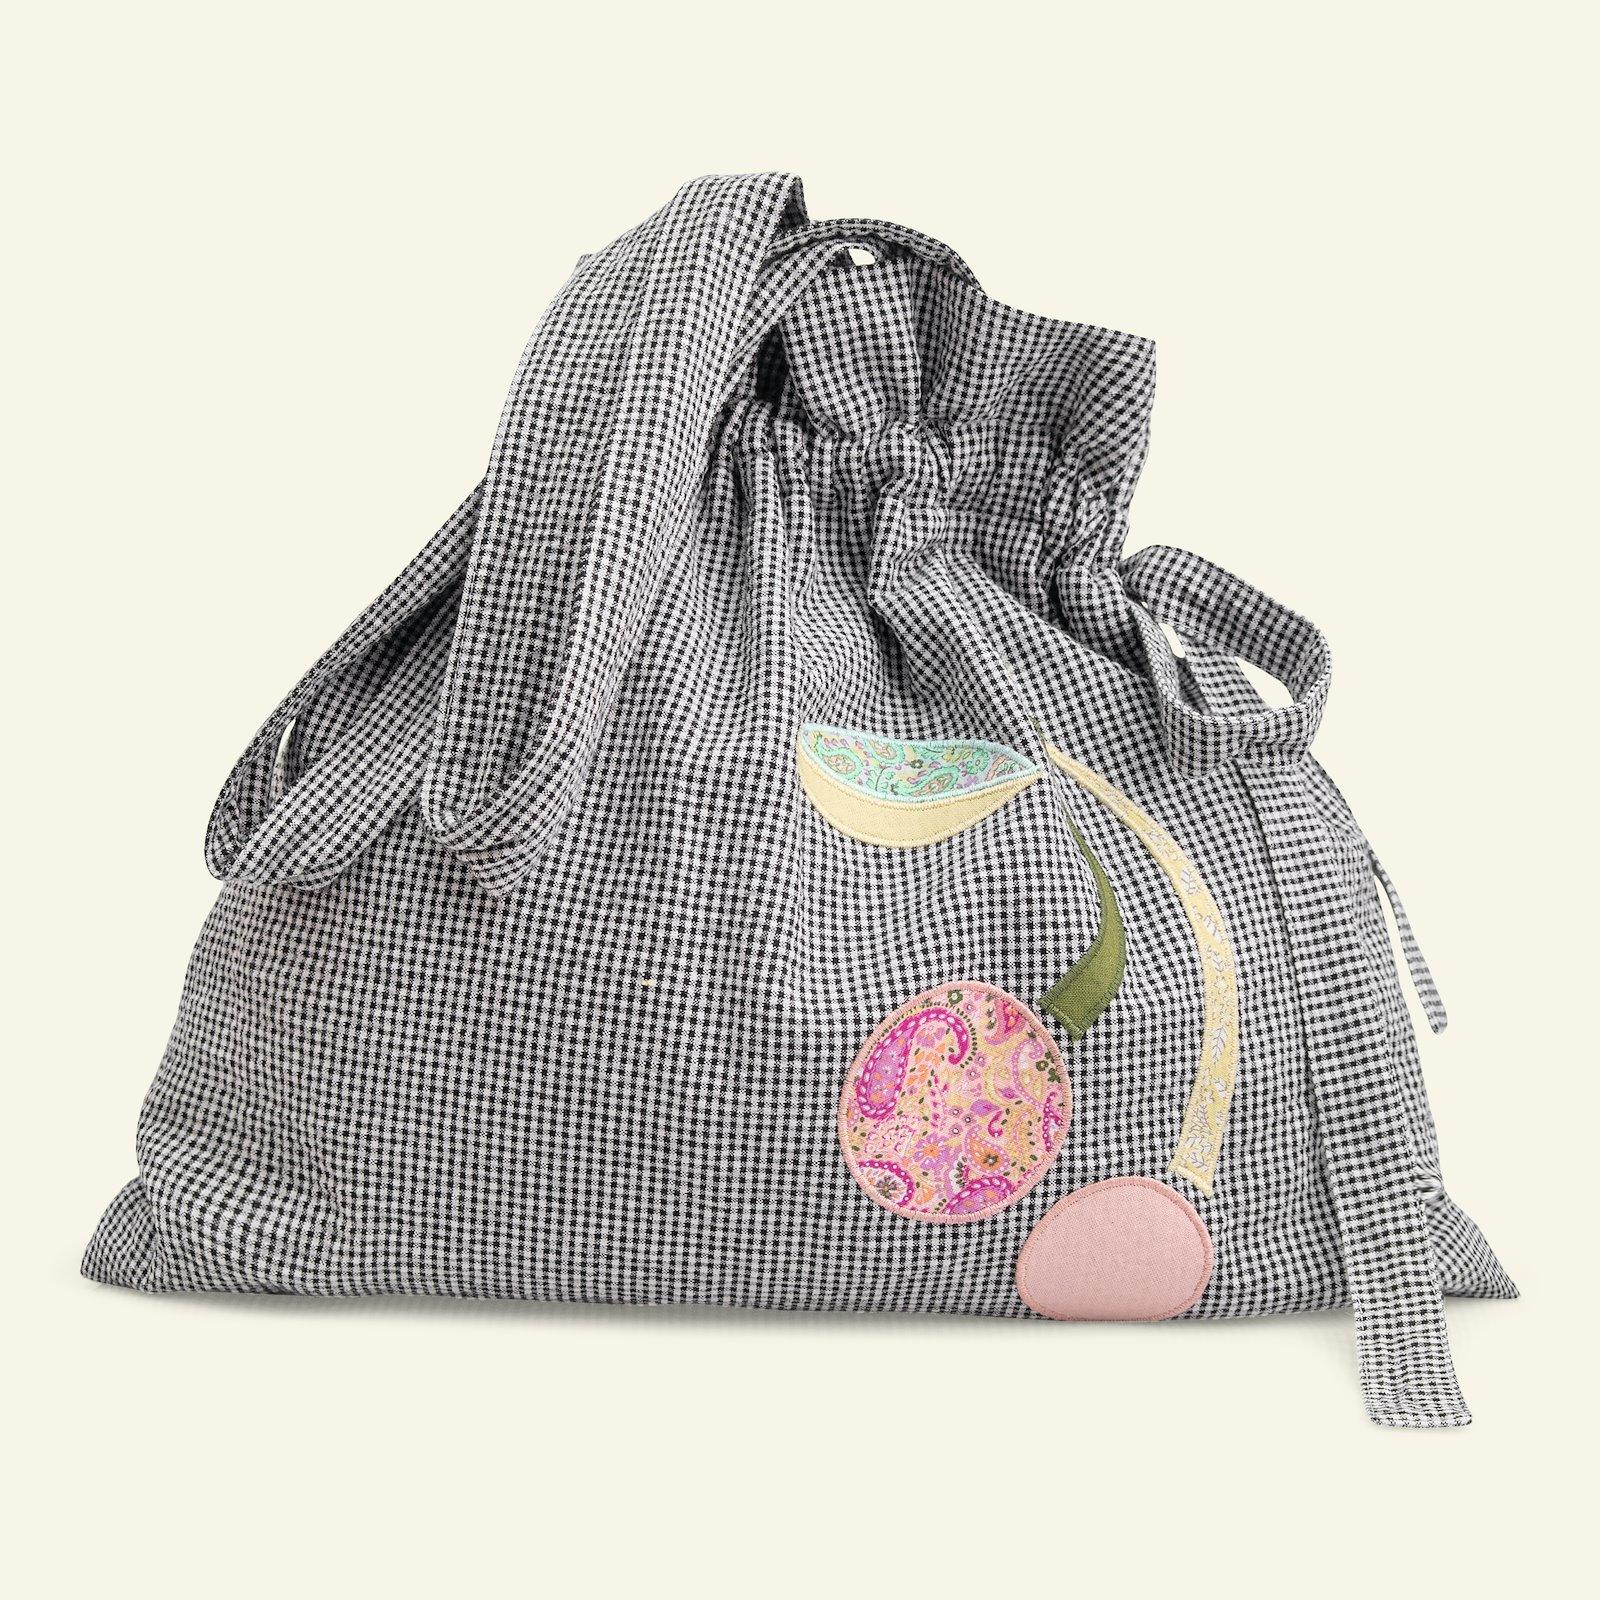 Luxury cotton dusty pink p90321_510194_852358_852367_852368_4351_4357_4358_sskit